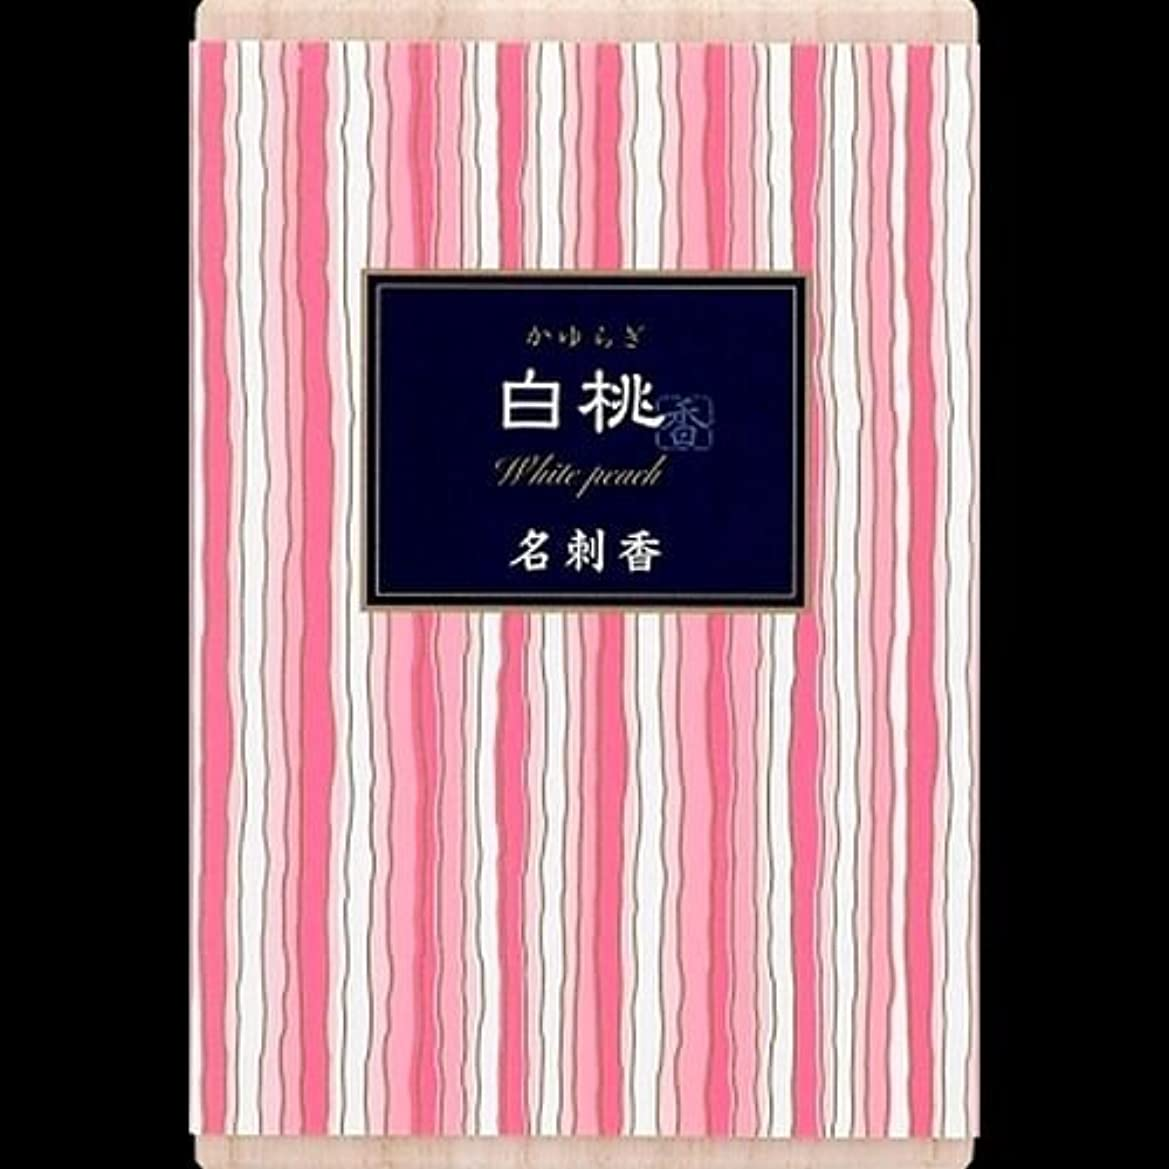 買う一貫性のないクリーク【まとめ買い】かゆらぎ 白桃 名刺香 桐箱 6入 ×2セット